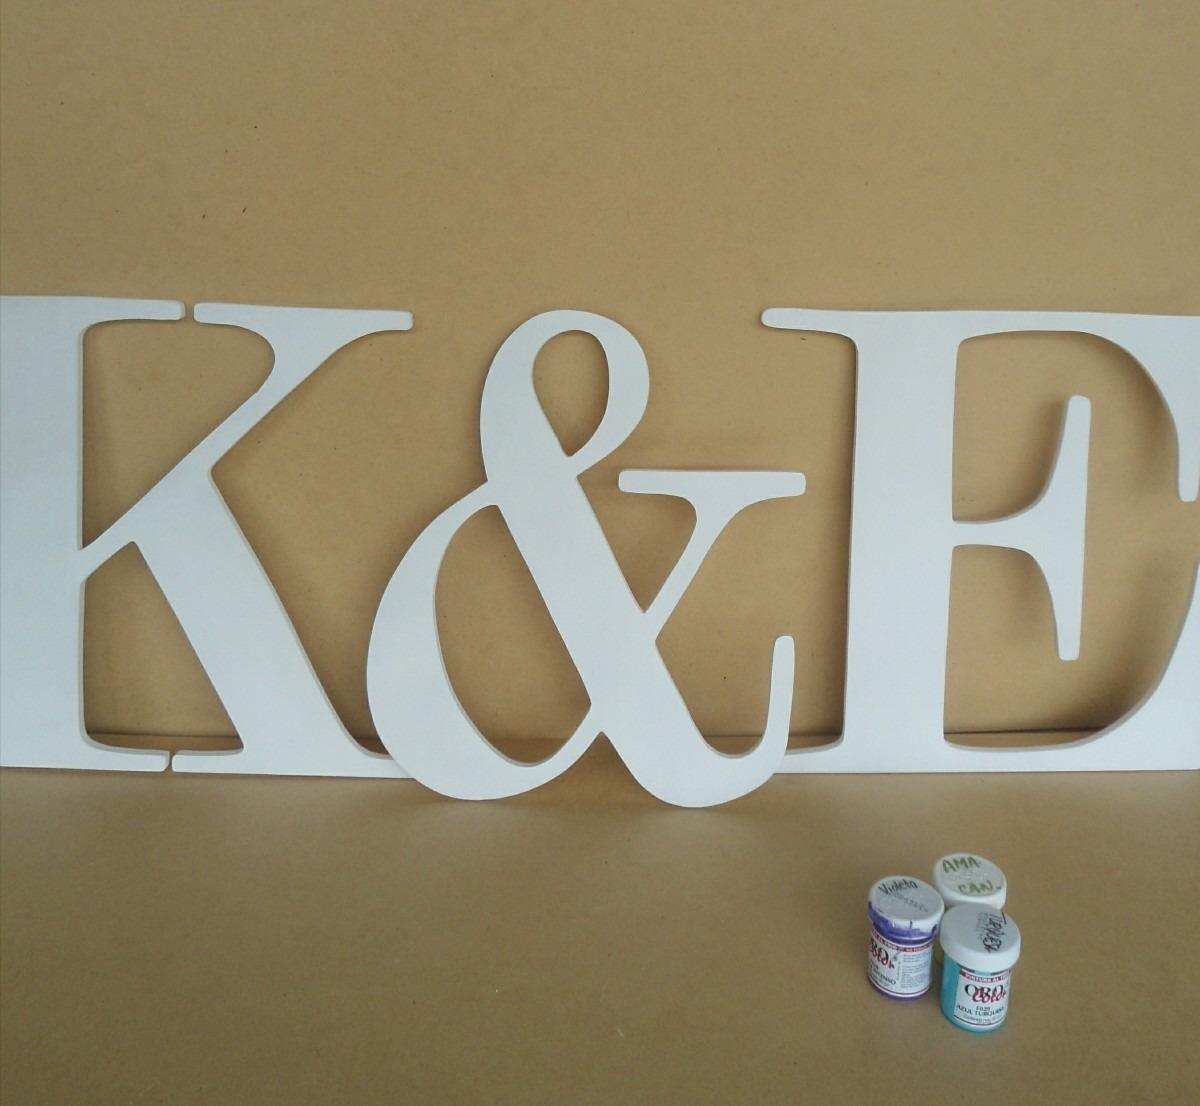 Letras nombres mdf madera candy bar bodas decorar en - Casa letras madera ...